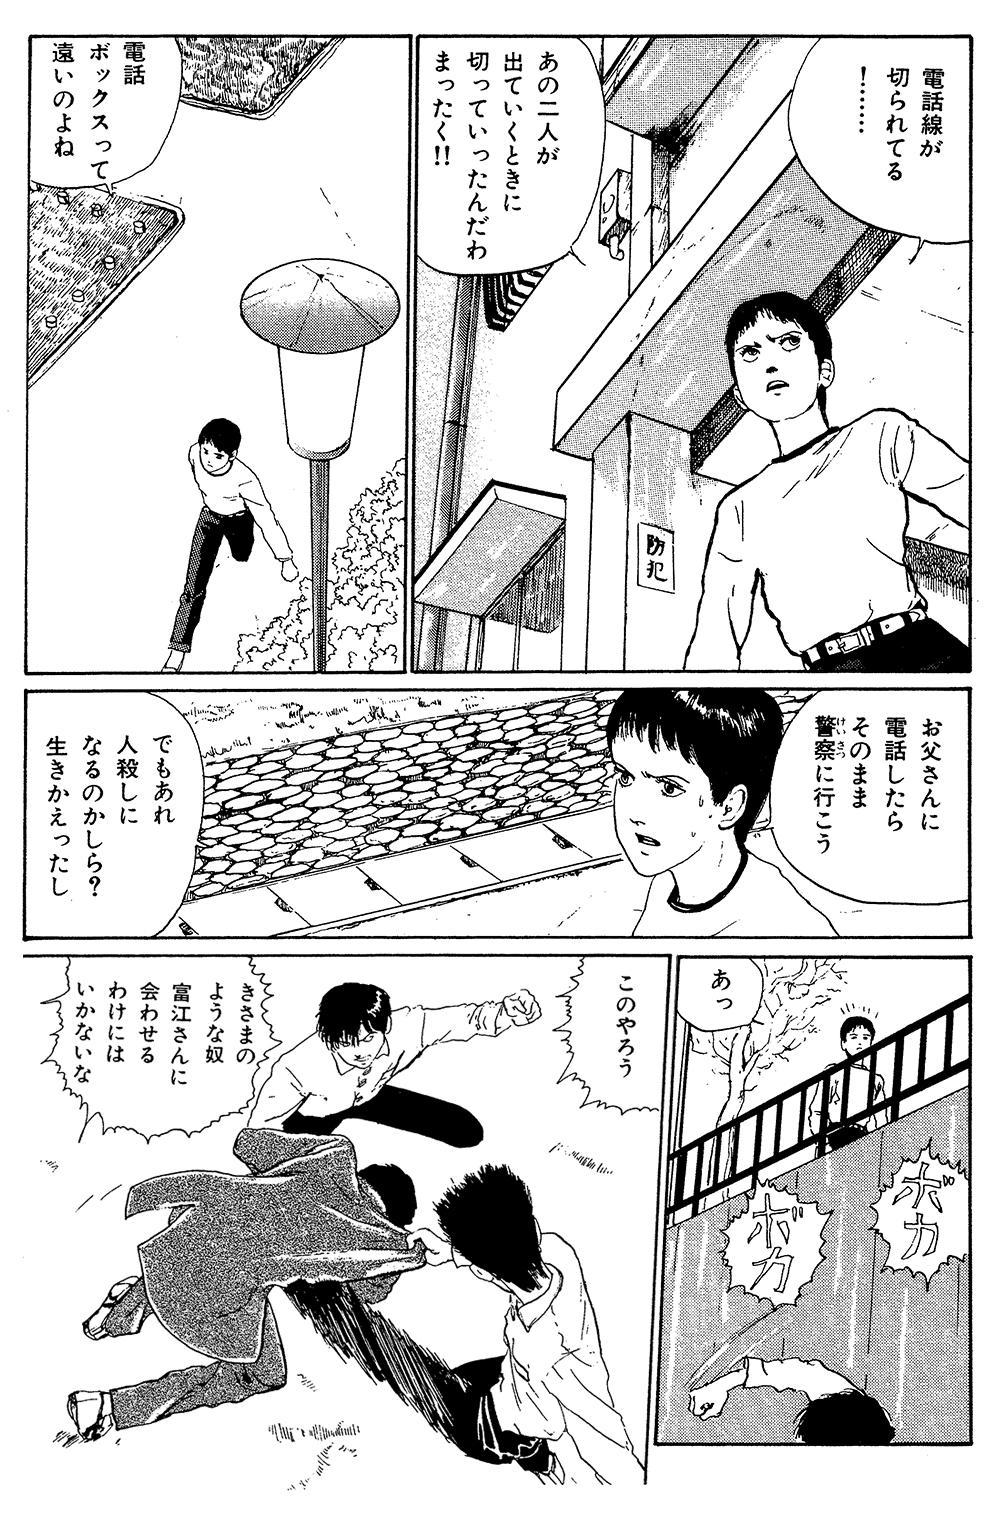 伊藤潤二傑作集 第5話「富江 接吻」①junji15-07.jpg